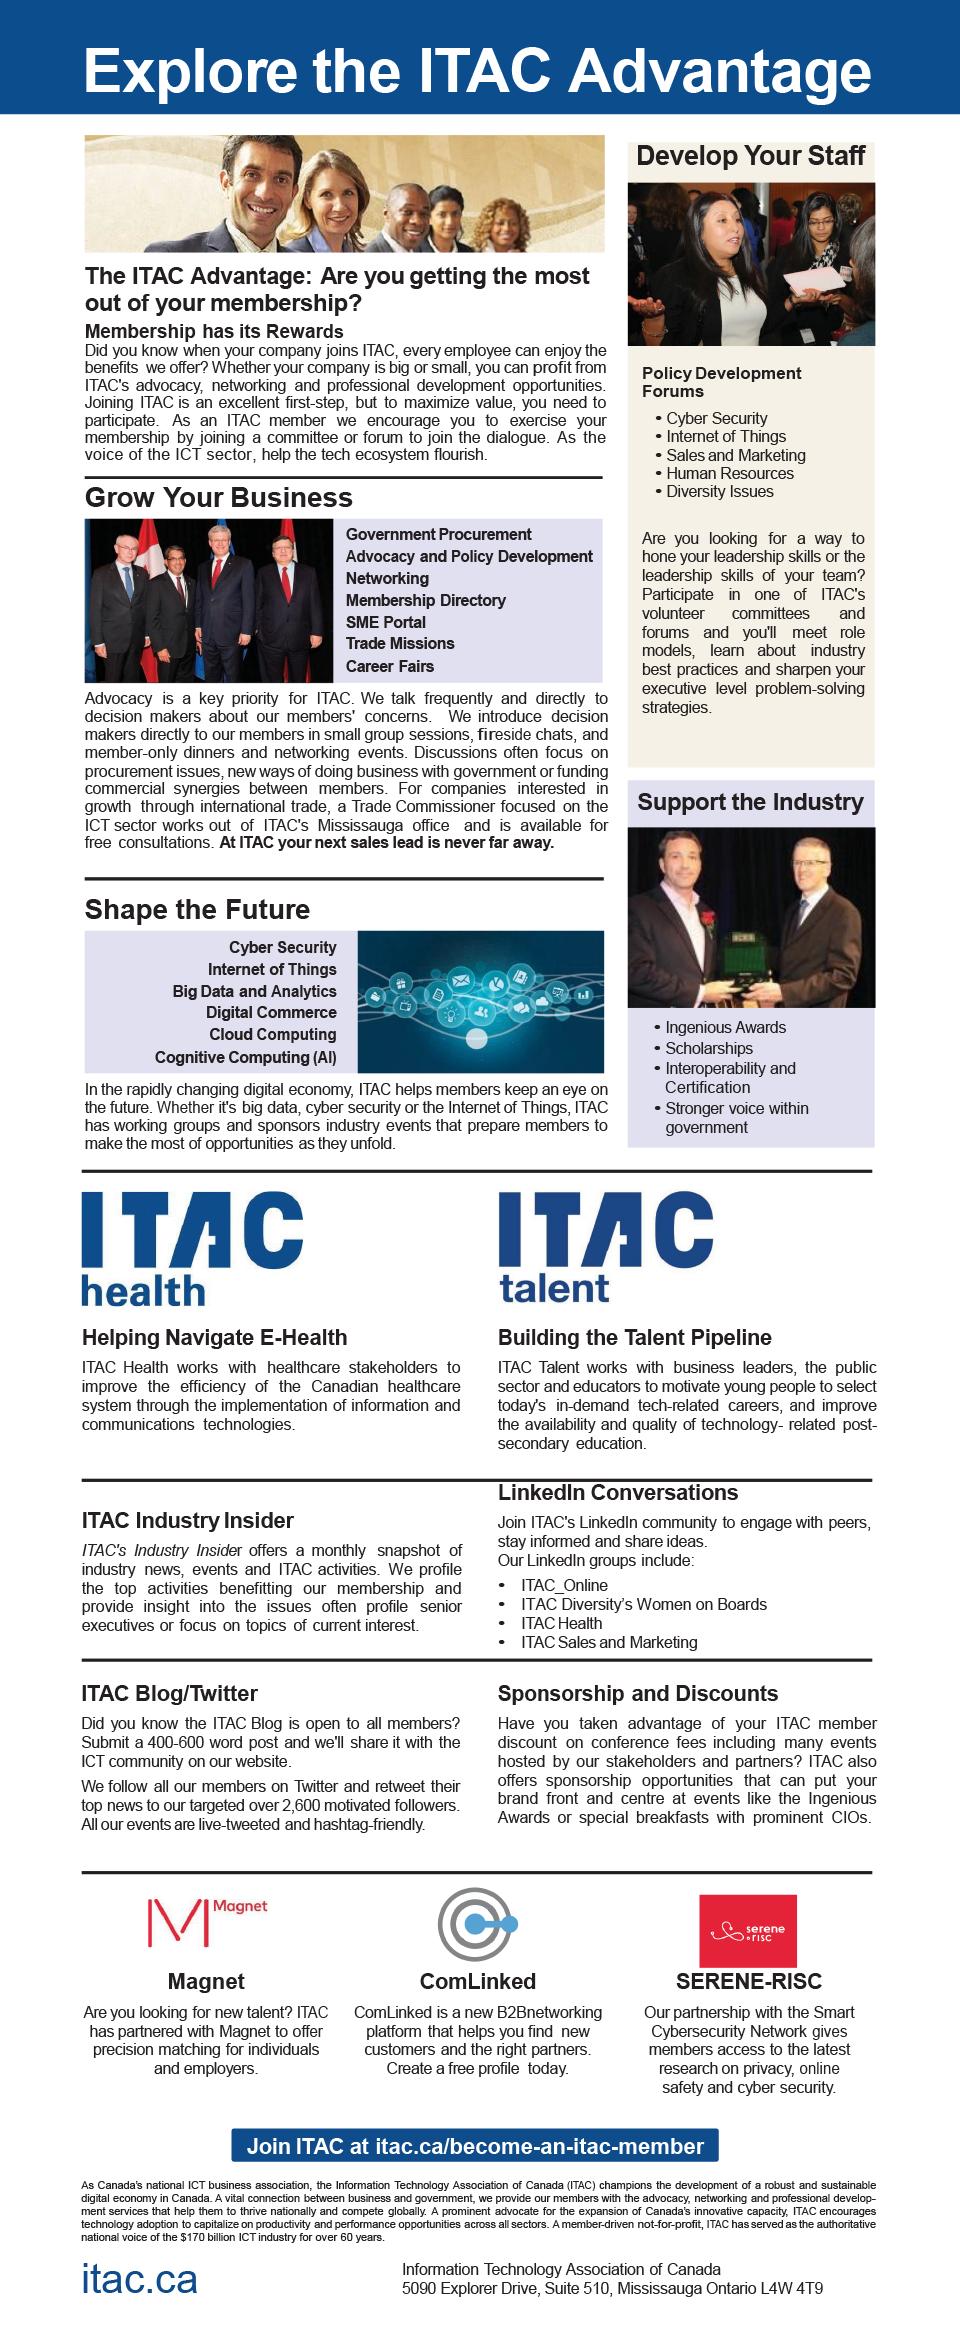 ITAC-Advantage-Brochure--01.05